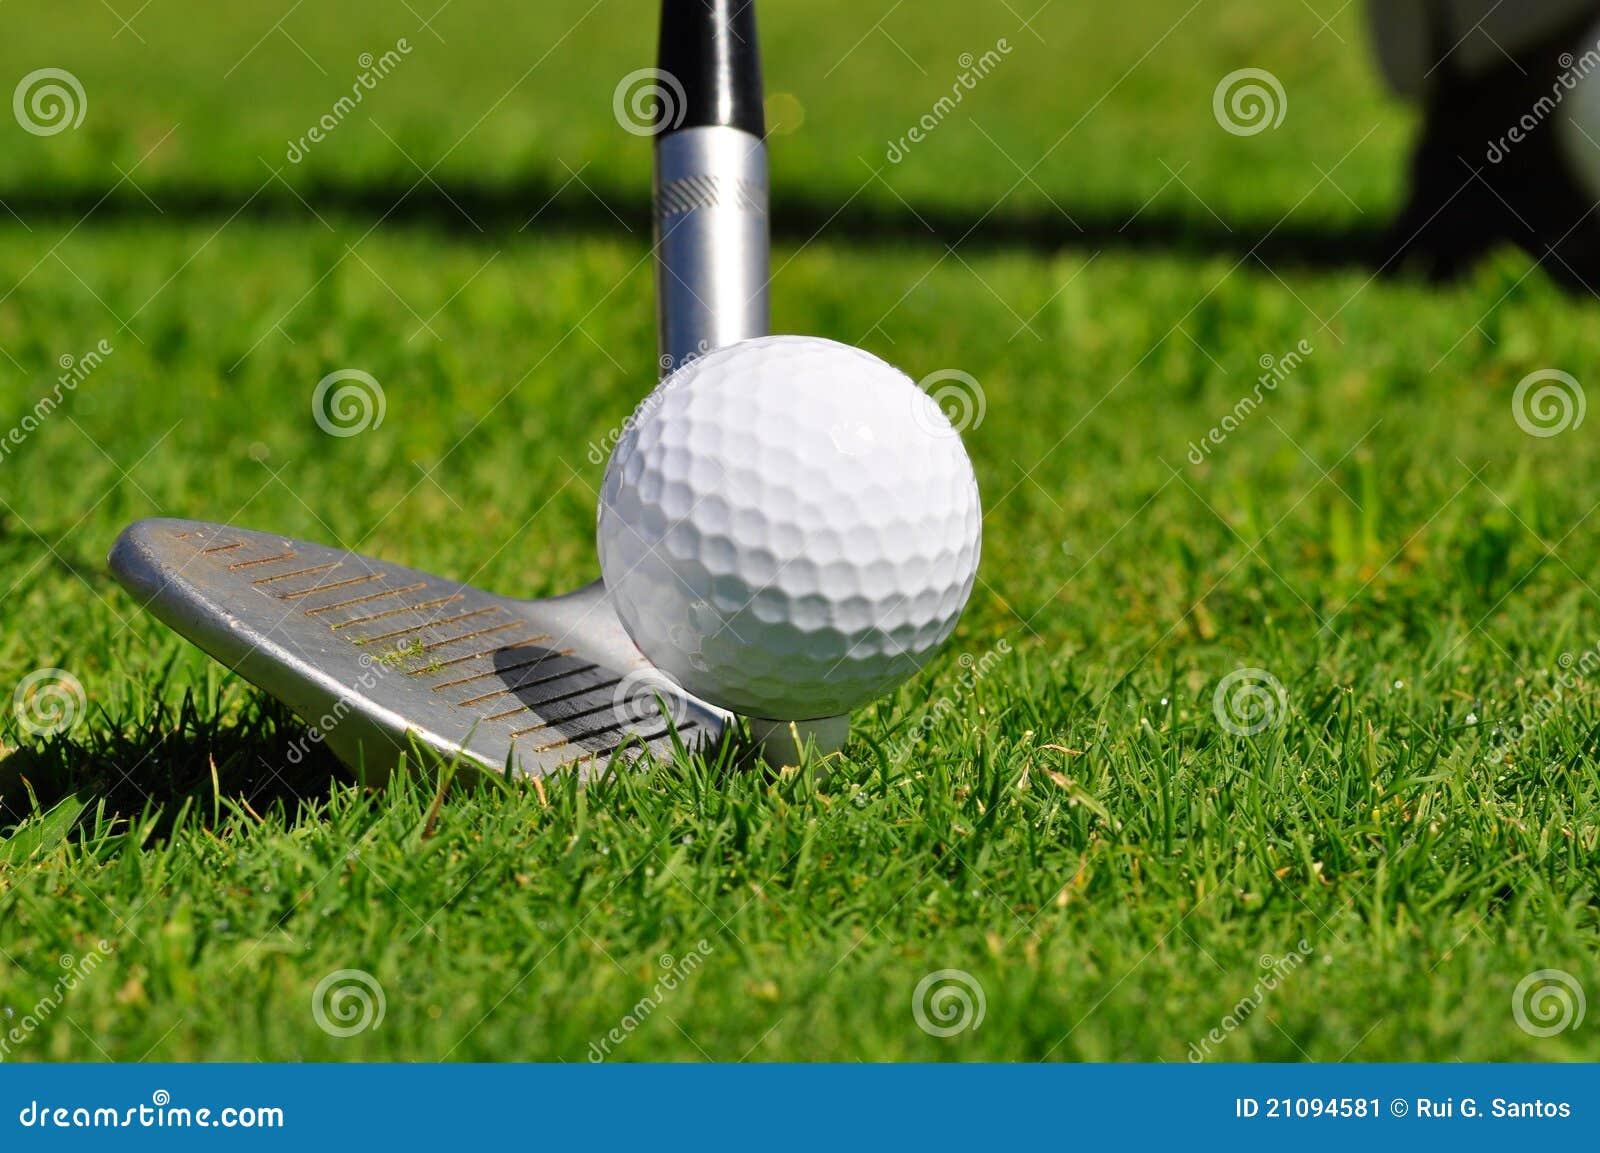 Pelota de golf y programa piloto